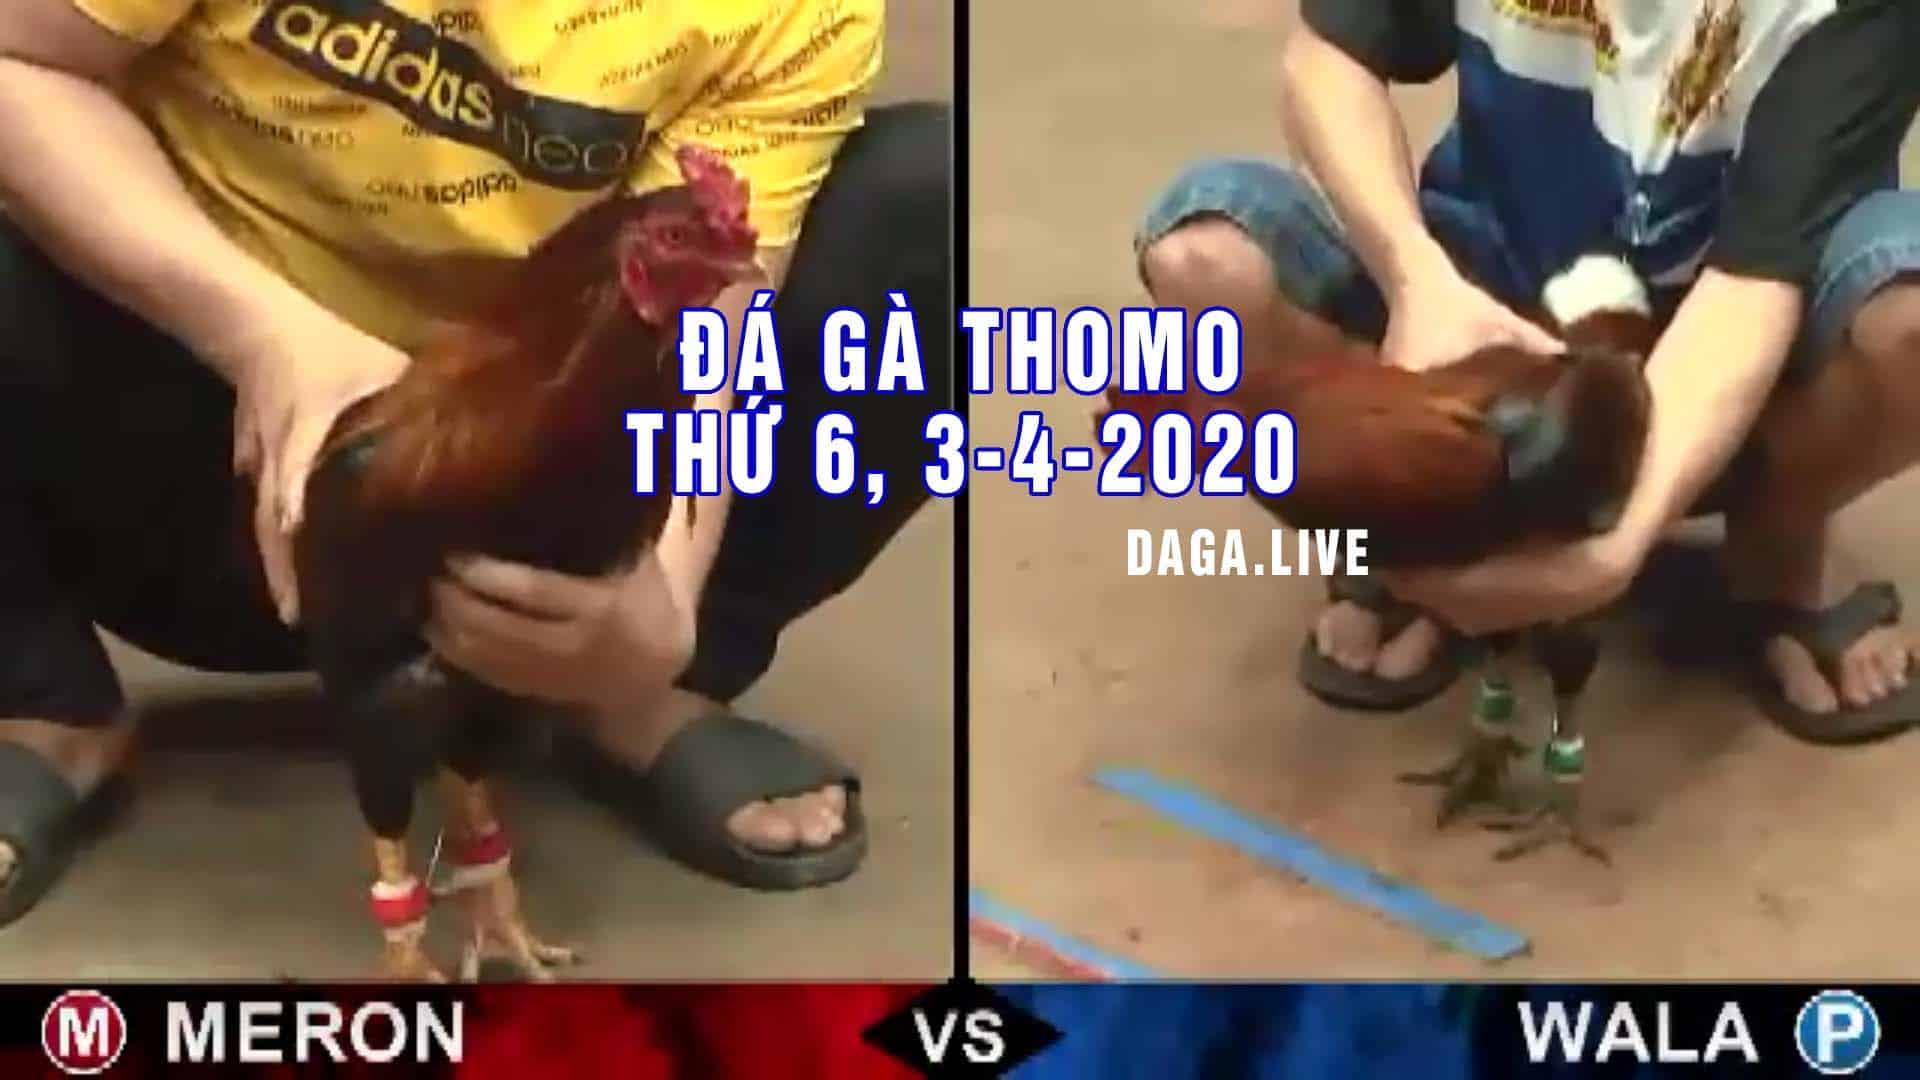 DAGA.LIVE - Đá gà thomo, đá gà campuchia, đá gà cựa sắt, đá gà trực tiếp thomo hôm nay thứ 6 ngày 3-4-2020